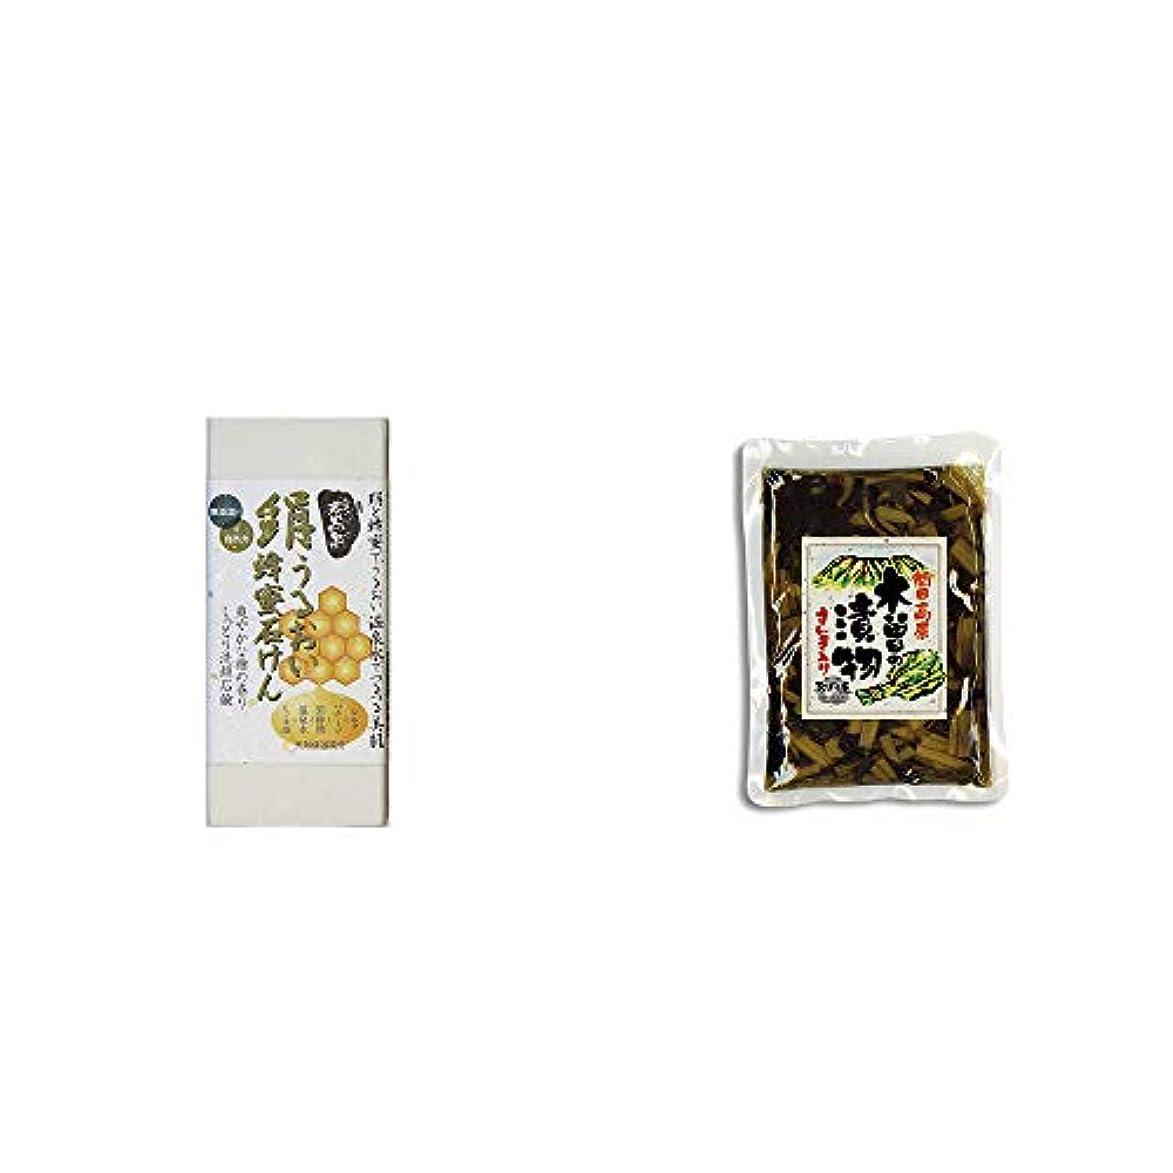 [2点セット] ひのき炭黒泉 絹うるおい蜂蜜石けん(75g×2)?【年中販売】木曽の漬物 すんき入り(200g) / すんき漬け味付加工品 //